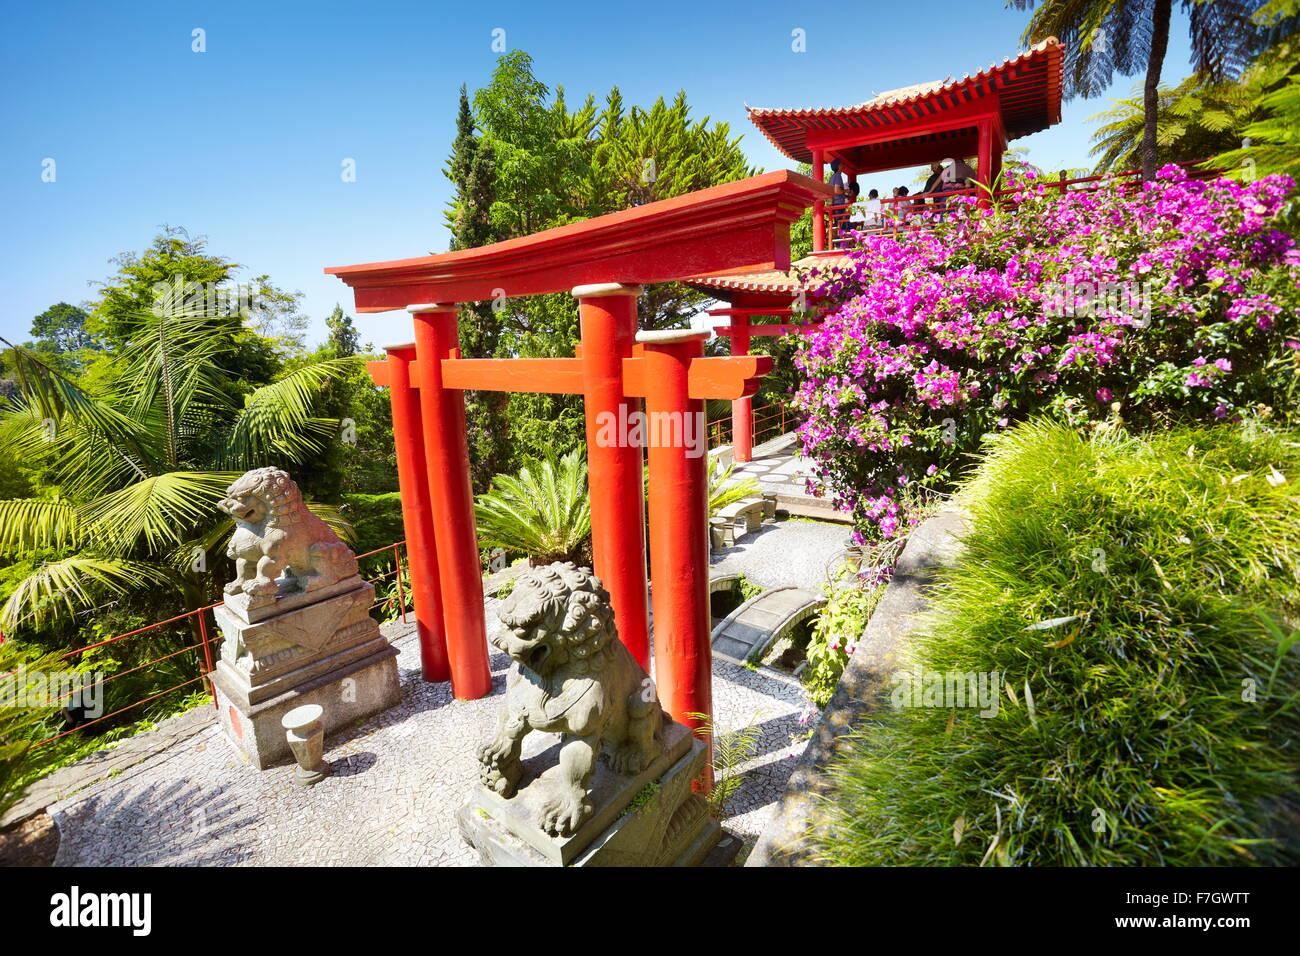 Le Japon japonais jardin tropical oriental - Monte, l'île de Madère, Portugal Banque D'Images